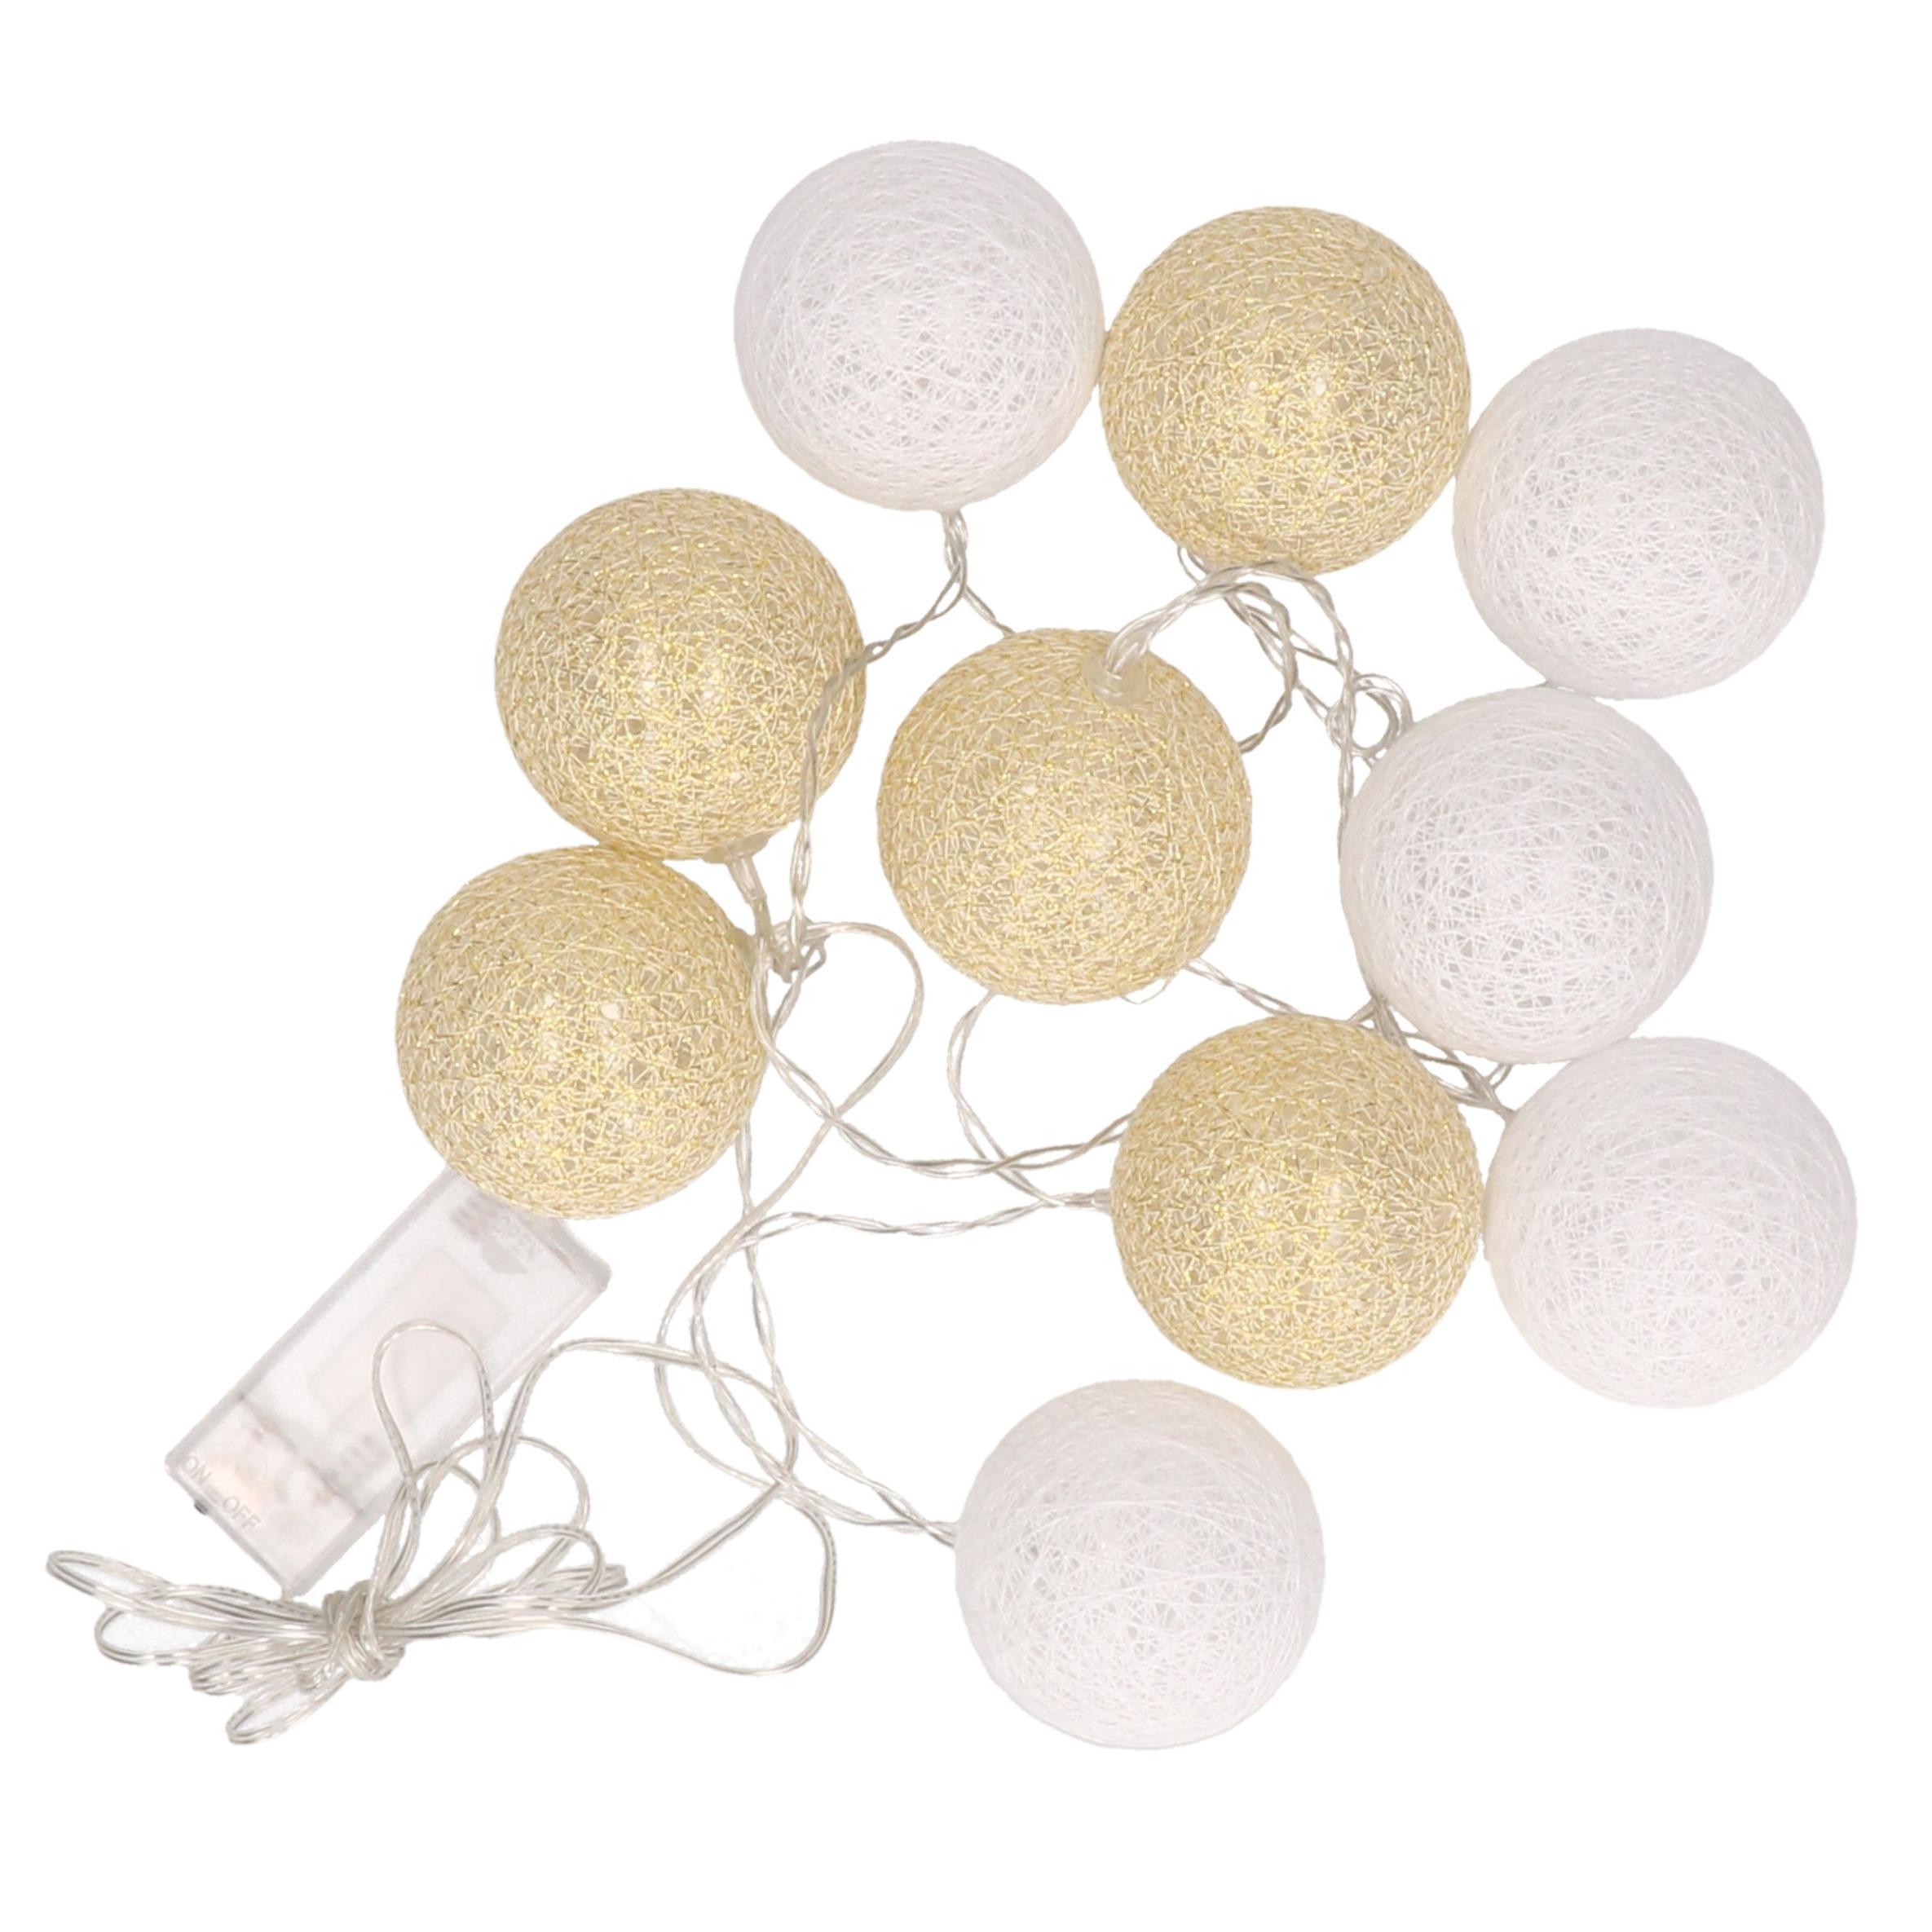 Feestverlichting lichtsnoer met katoenen balletjes wit/goud 300 cm